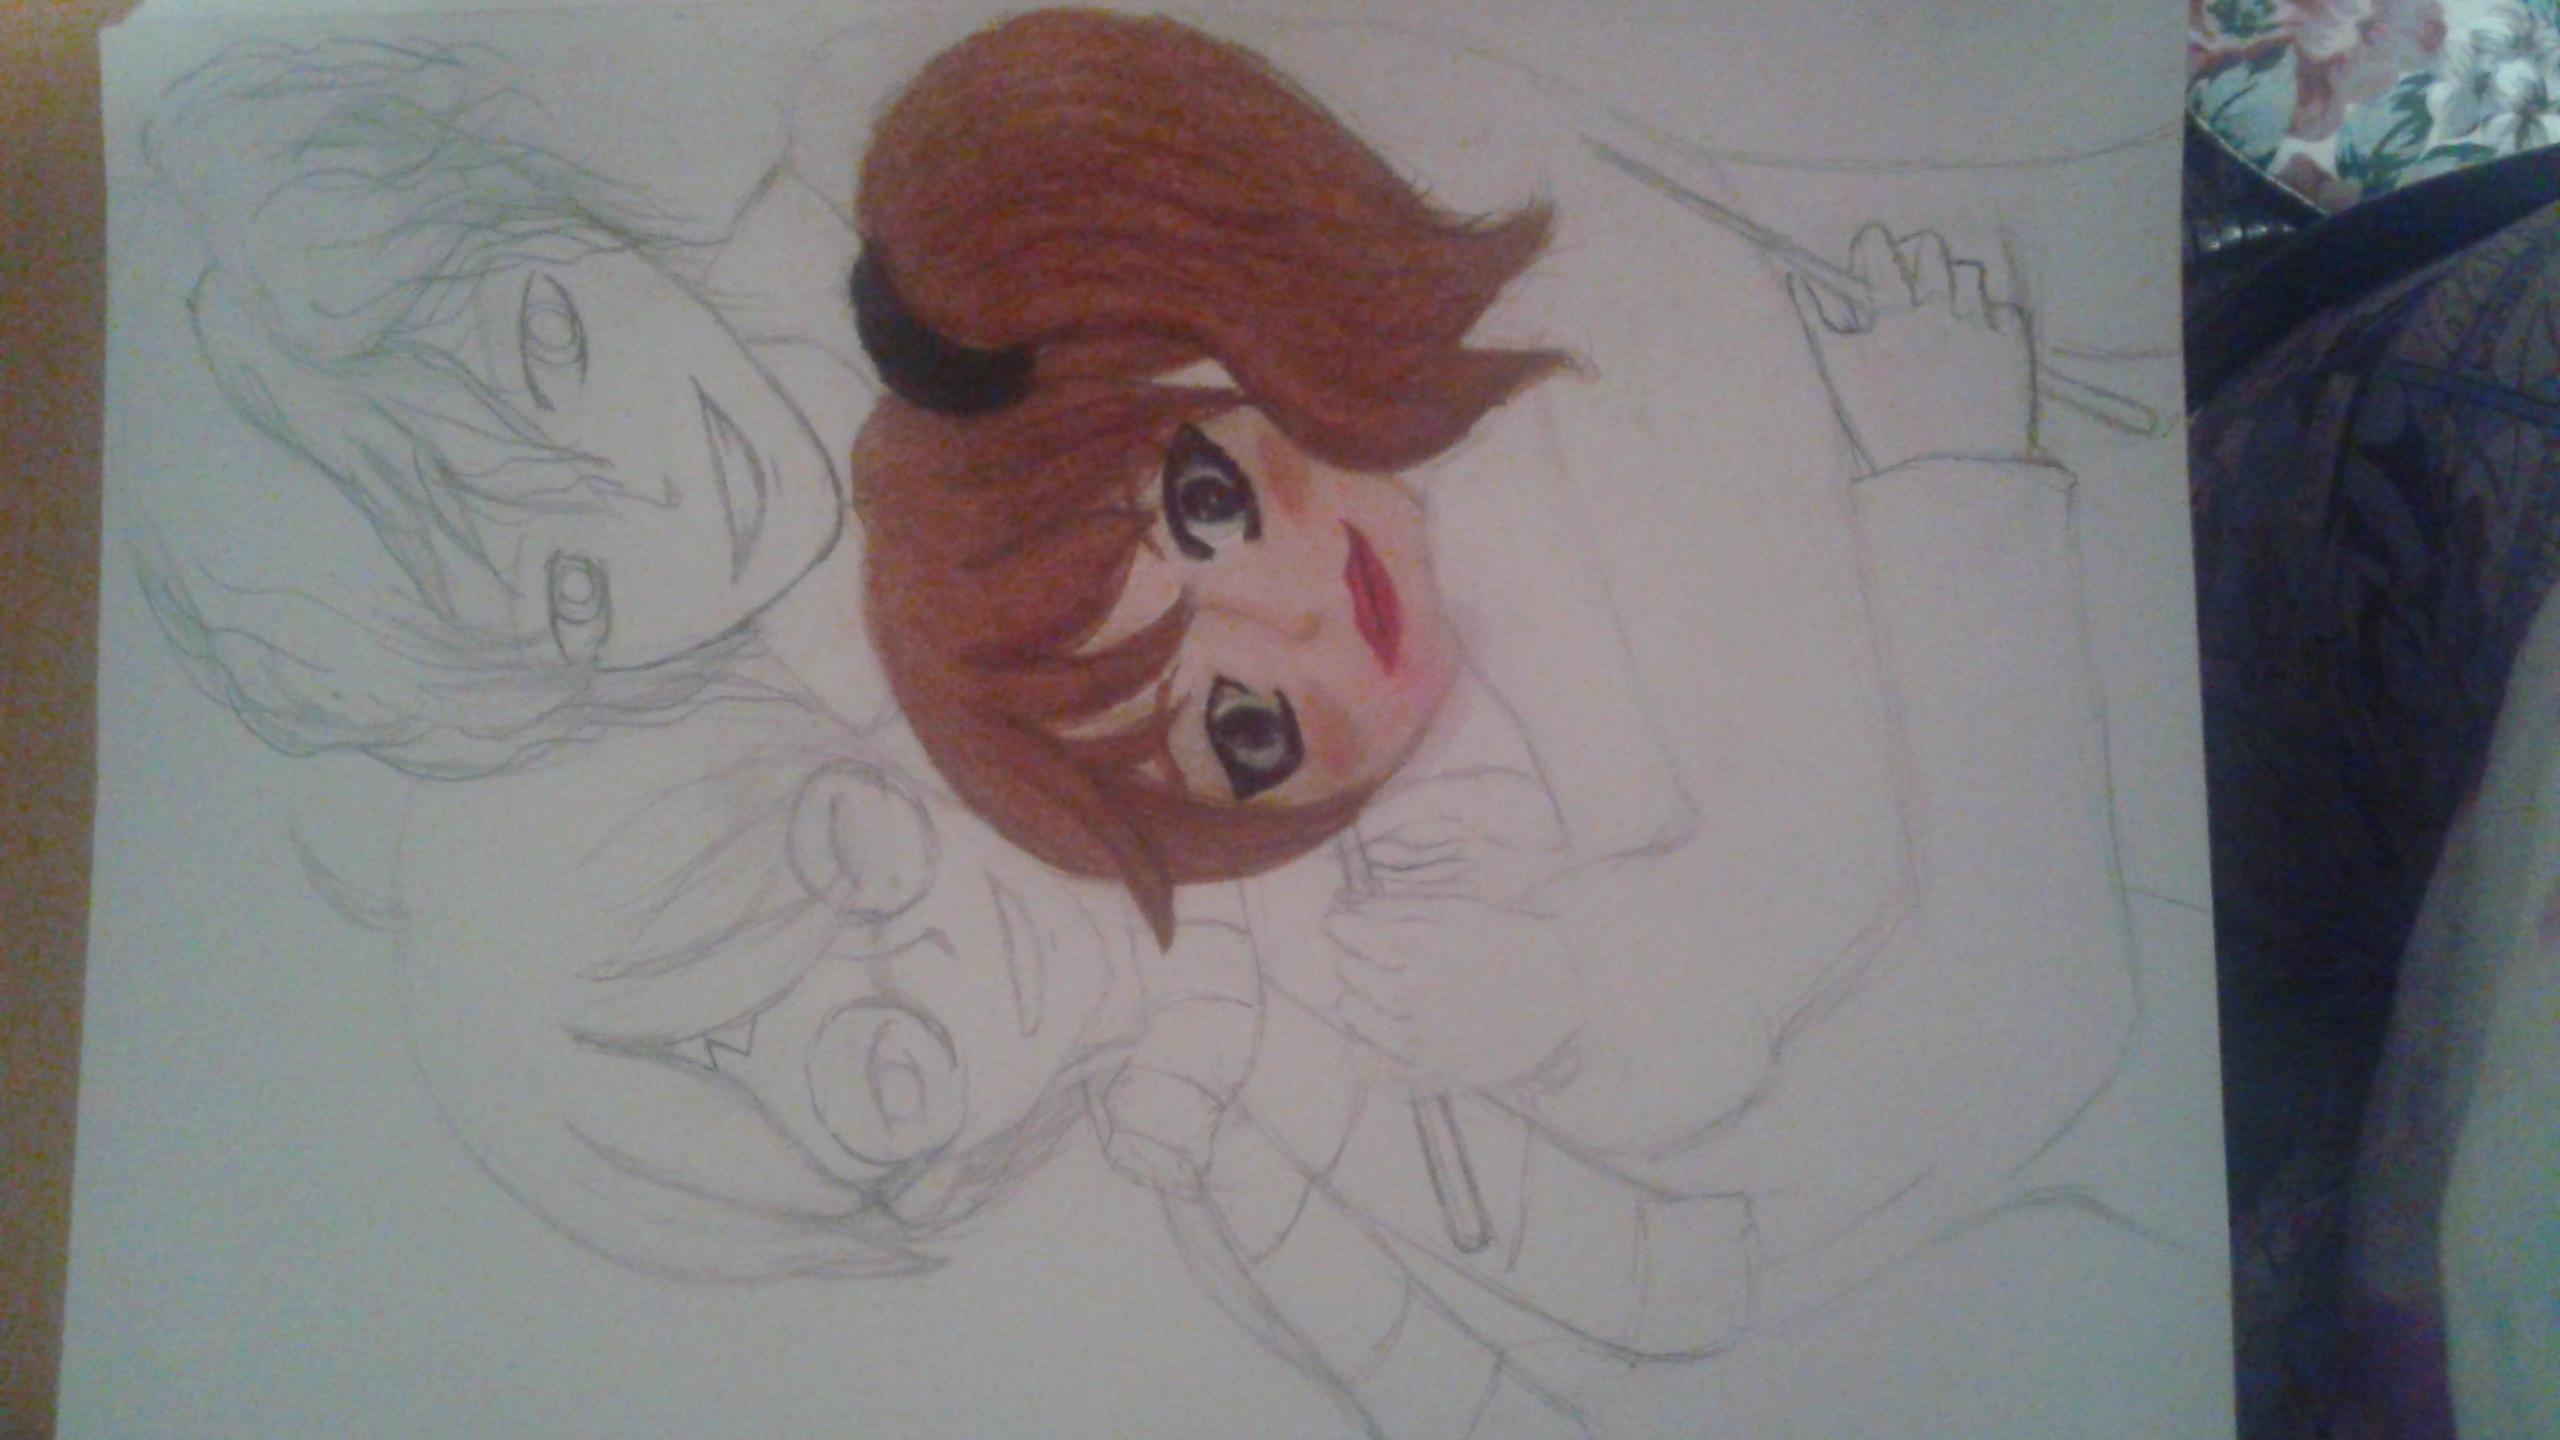 Love Triangle In progress pic